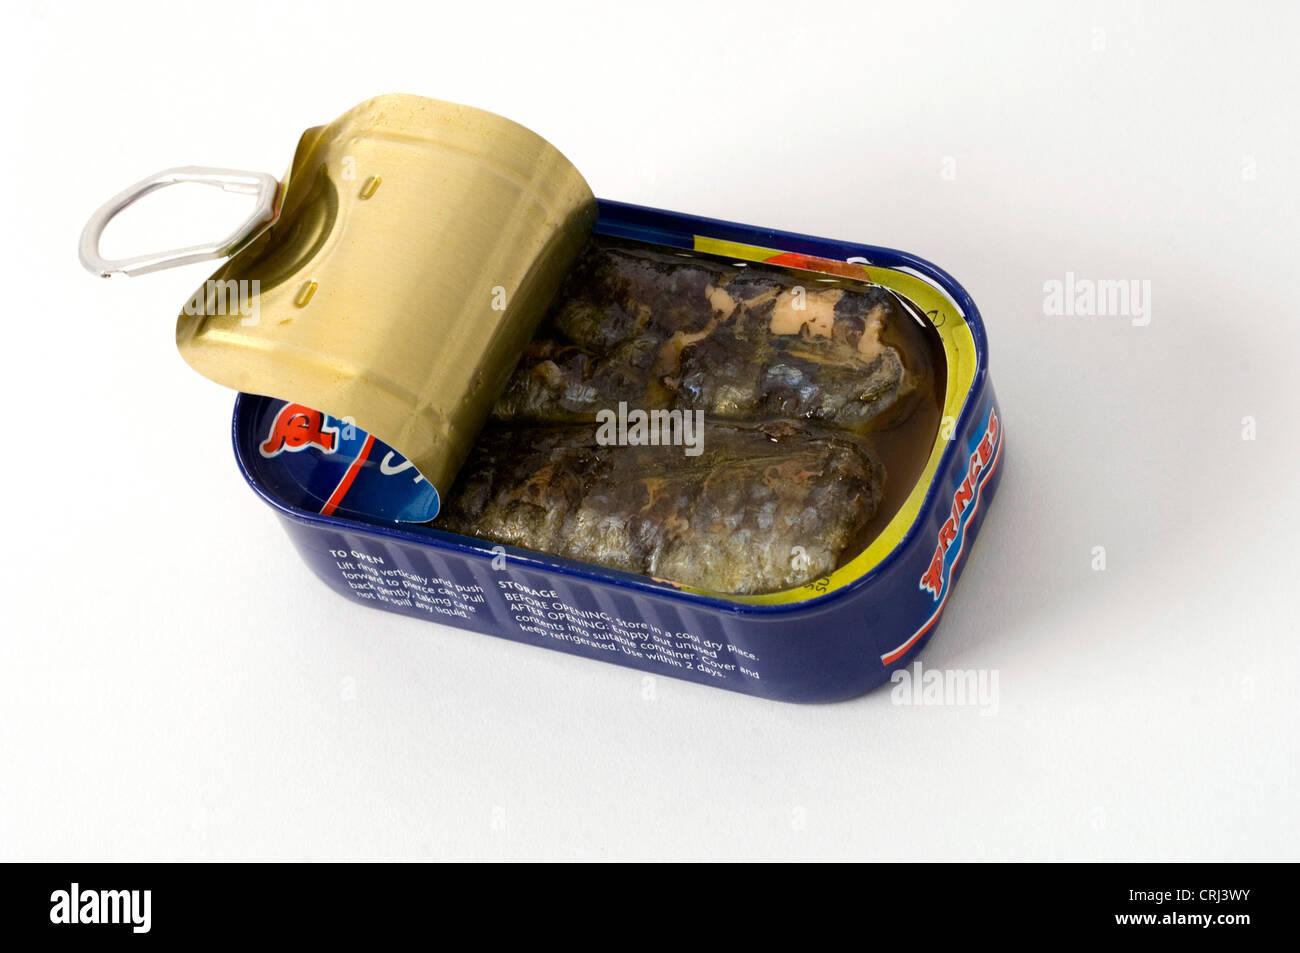 Eine halb offene Dose Sardinen. Sardinen Ertrag reichen Fischöl, Blutdruck und das Risiko eines Herzinfarktes Stockbild